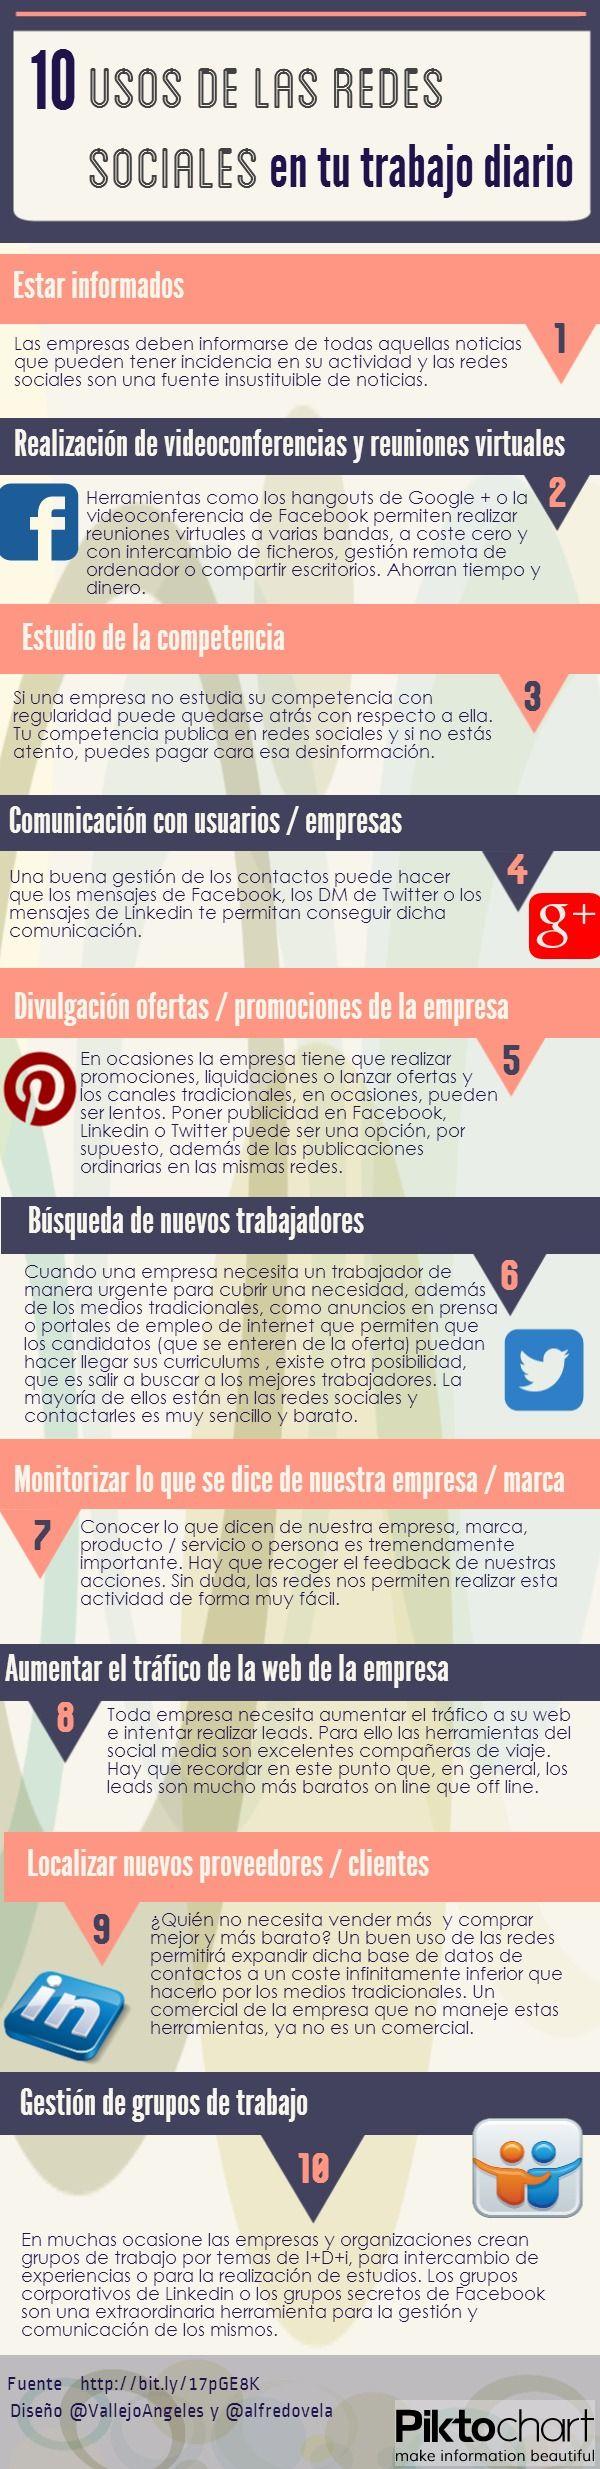 10 usos de las #RedesSociales tu jornada de trabajo diaria. #Infografía en español